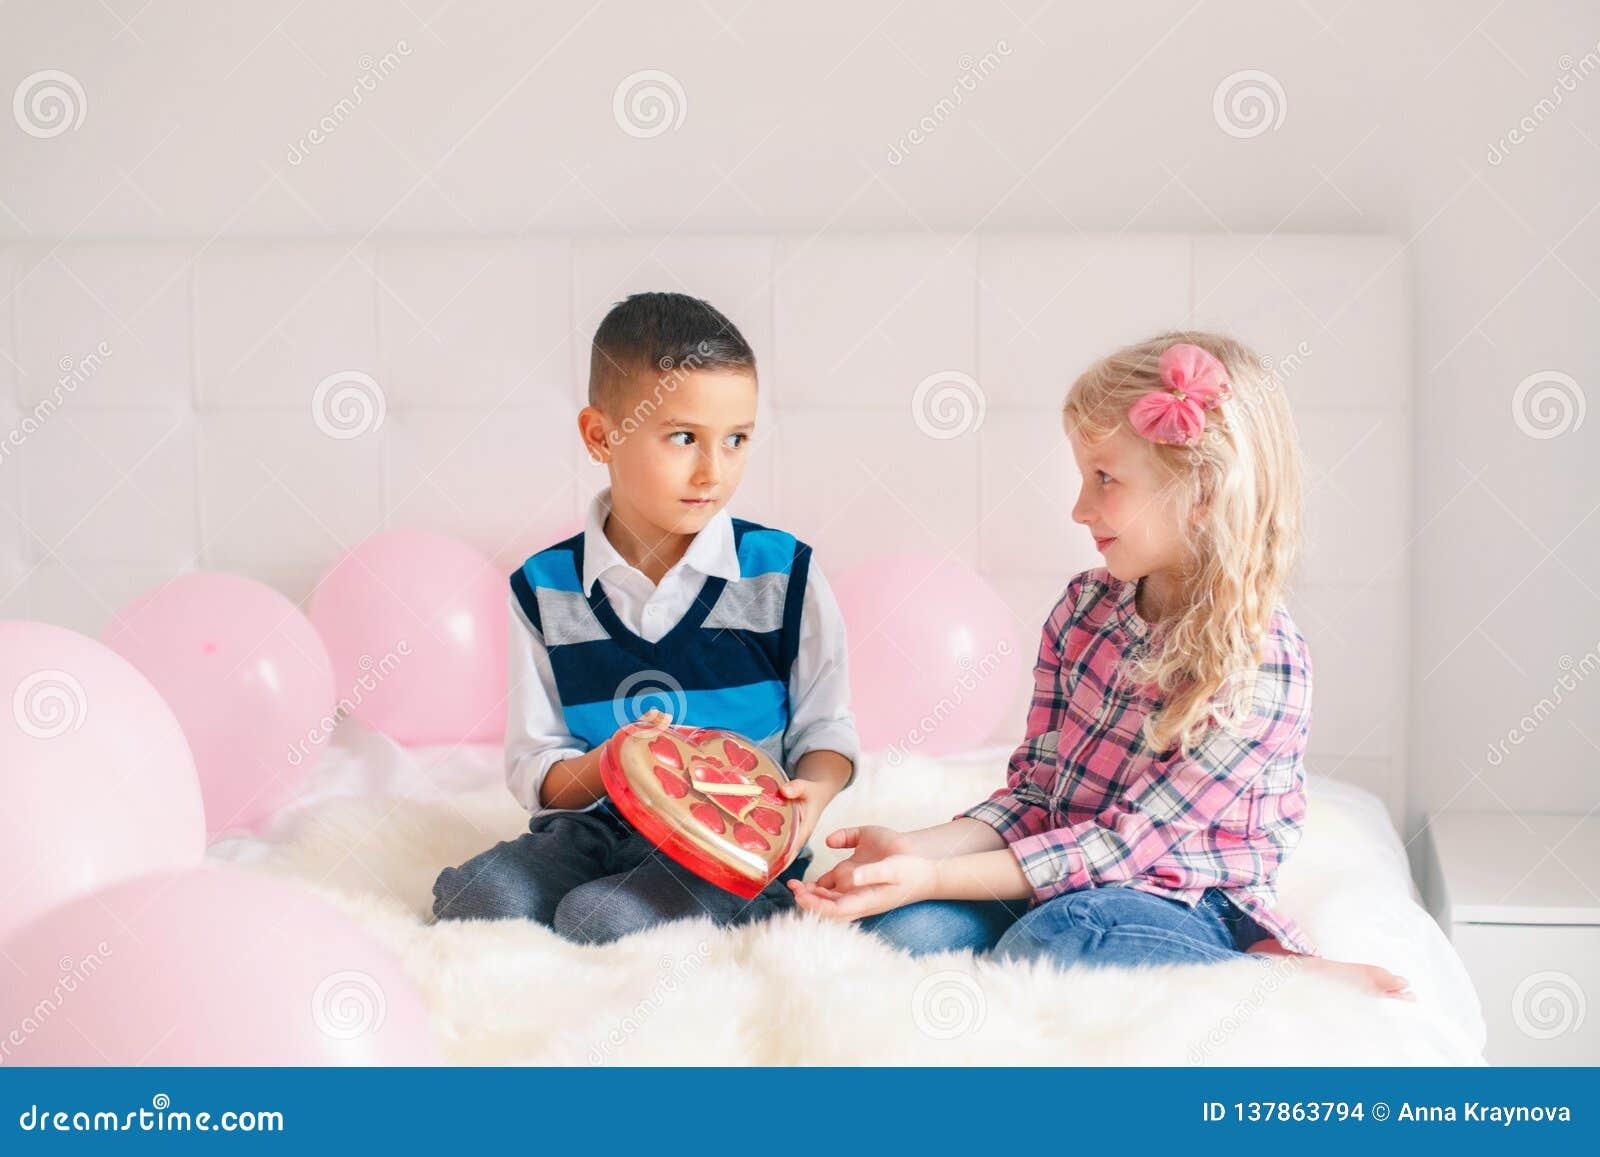 Αγόρι που δίνει το δώρο σοκολάτας κοριτσιών παρόν για να γιορτάσει την ημέρα βαλεντίνων